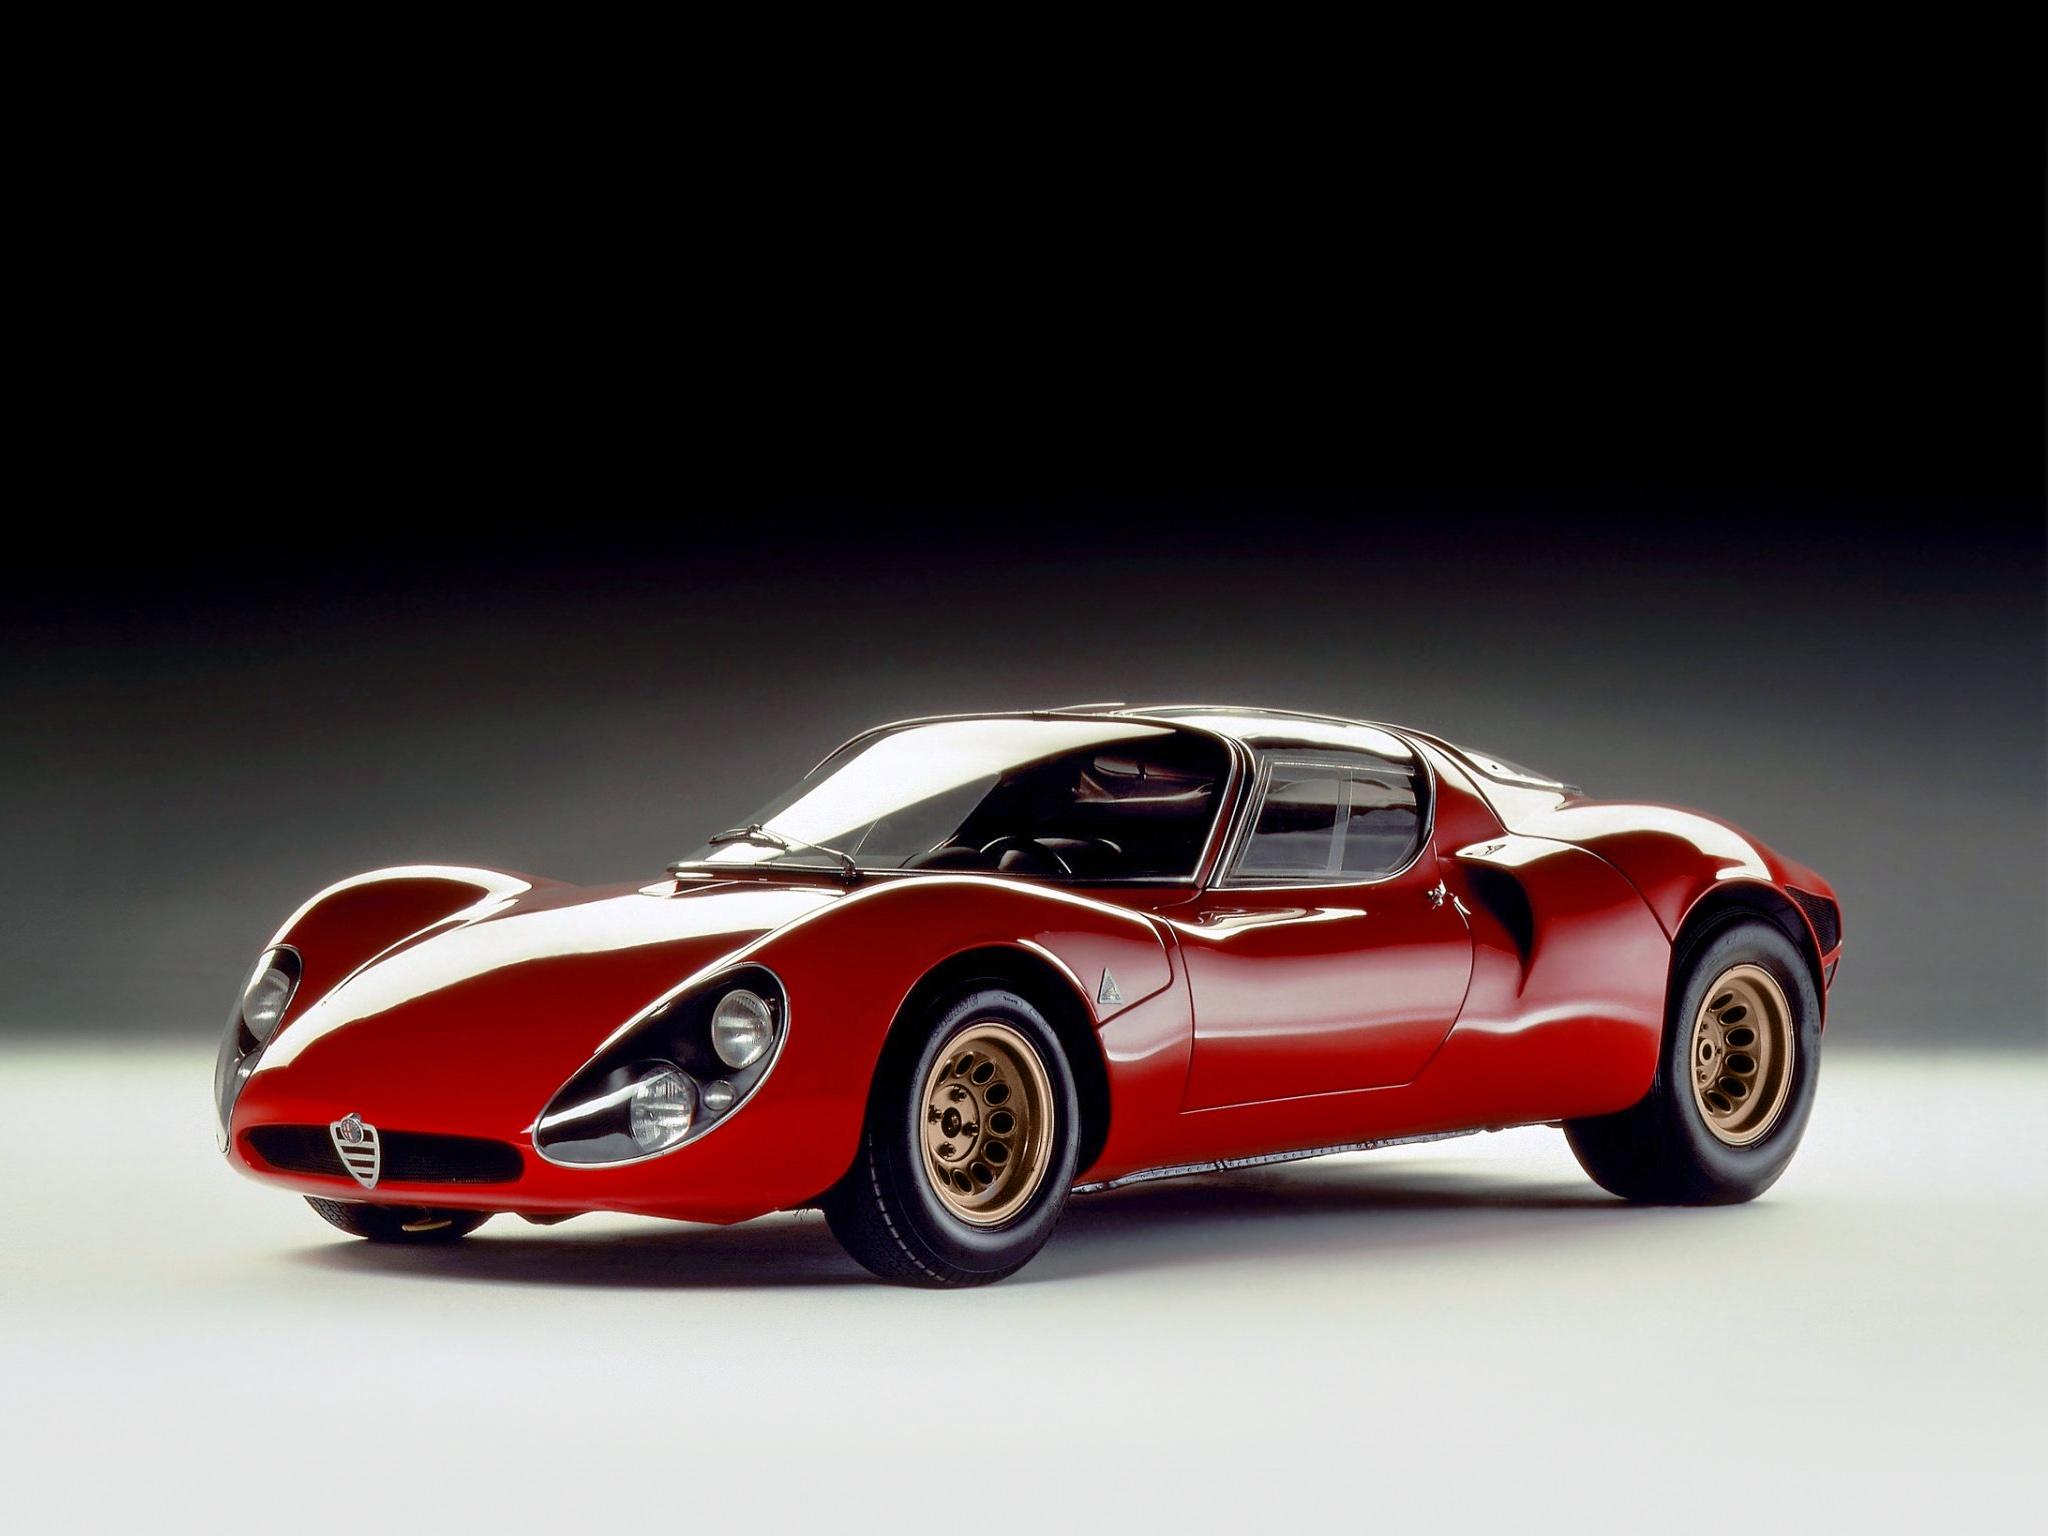 Alfa Romeo 110 aniversario: descubre su historia, pasión y legado